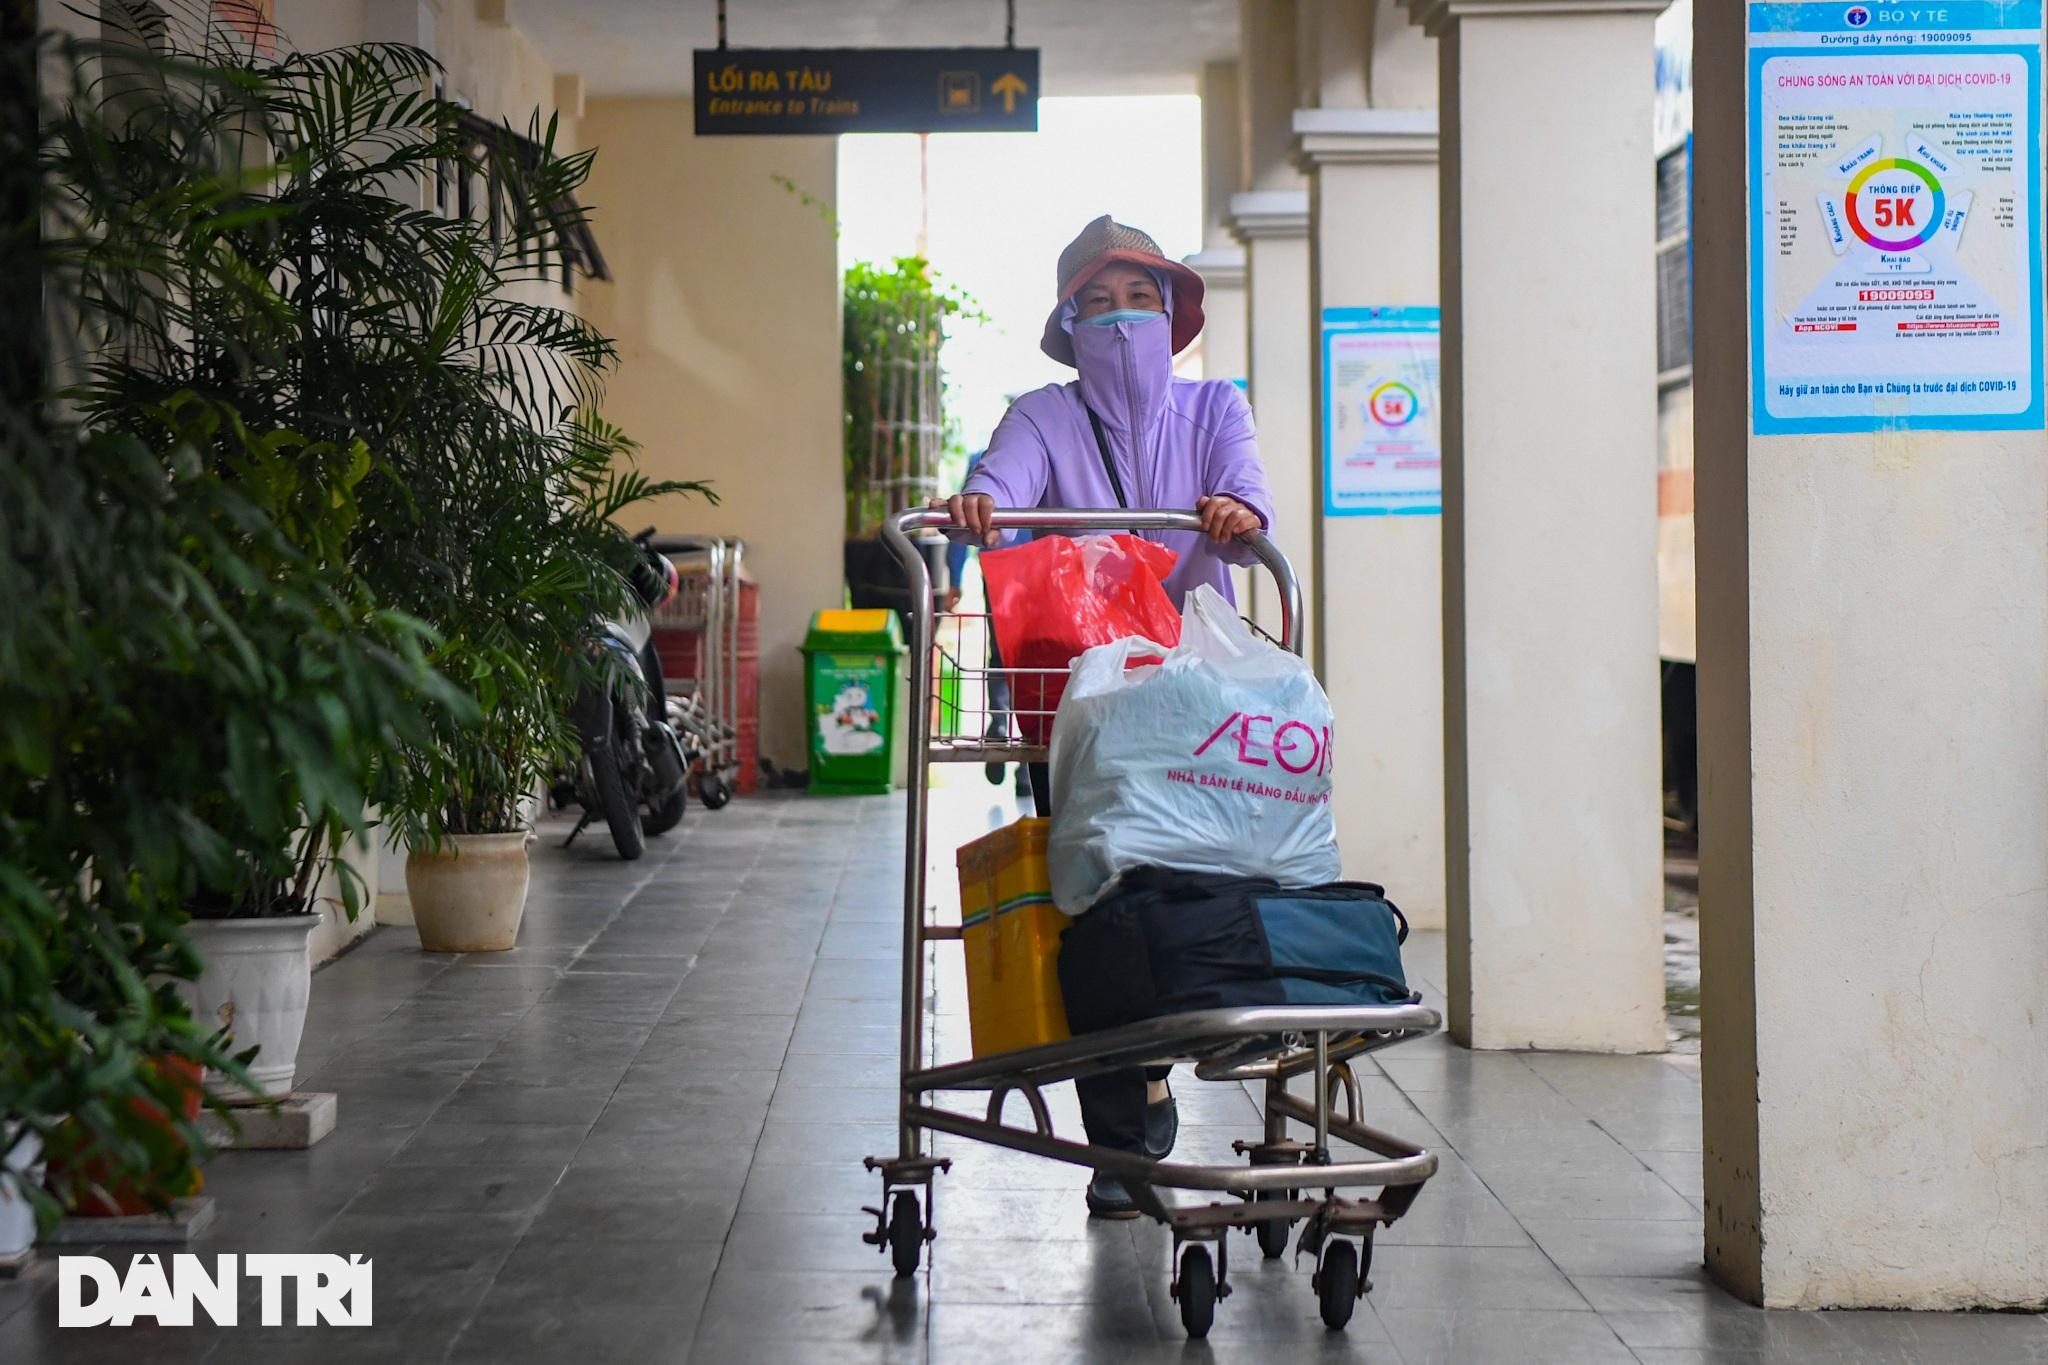 Hà Nội đón chuyến tàu khách đầu tiên đến từ Hải Phòng sau giãn cách - 15